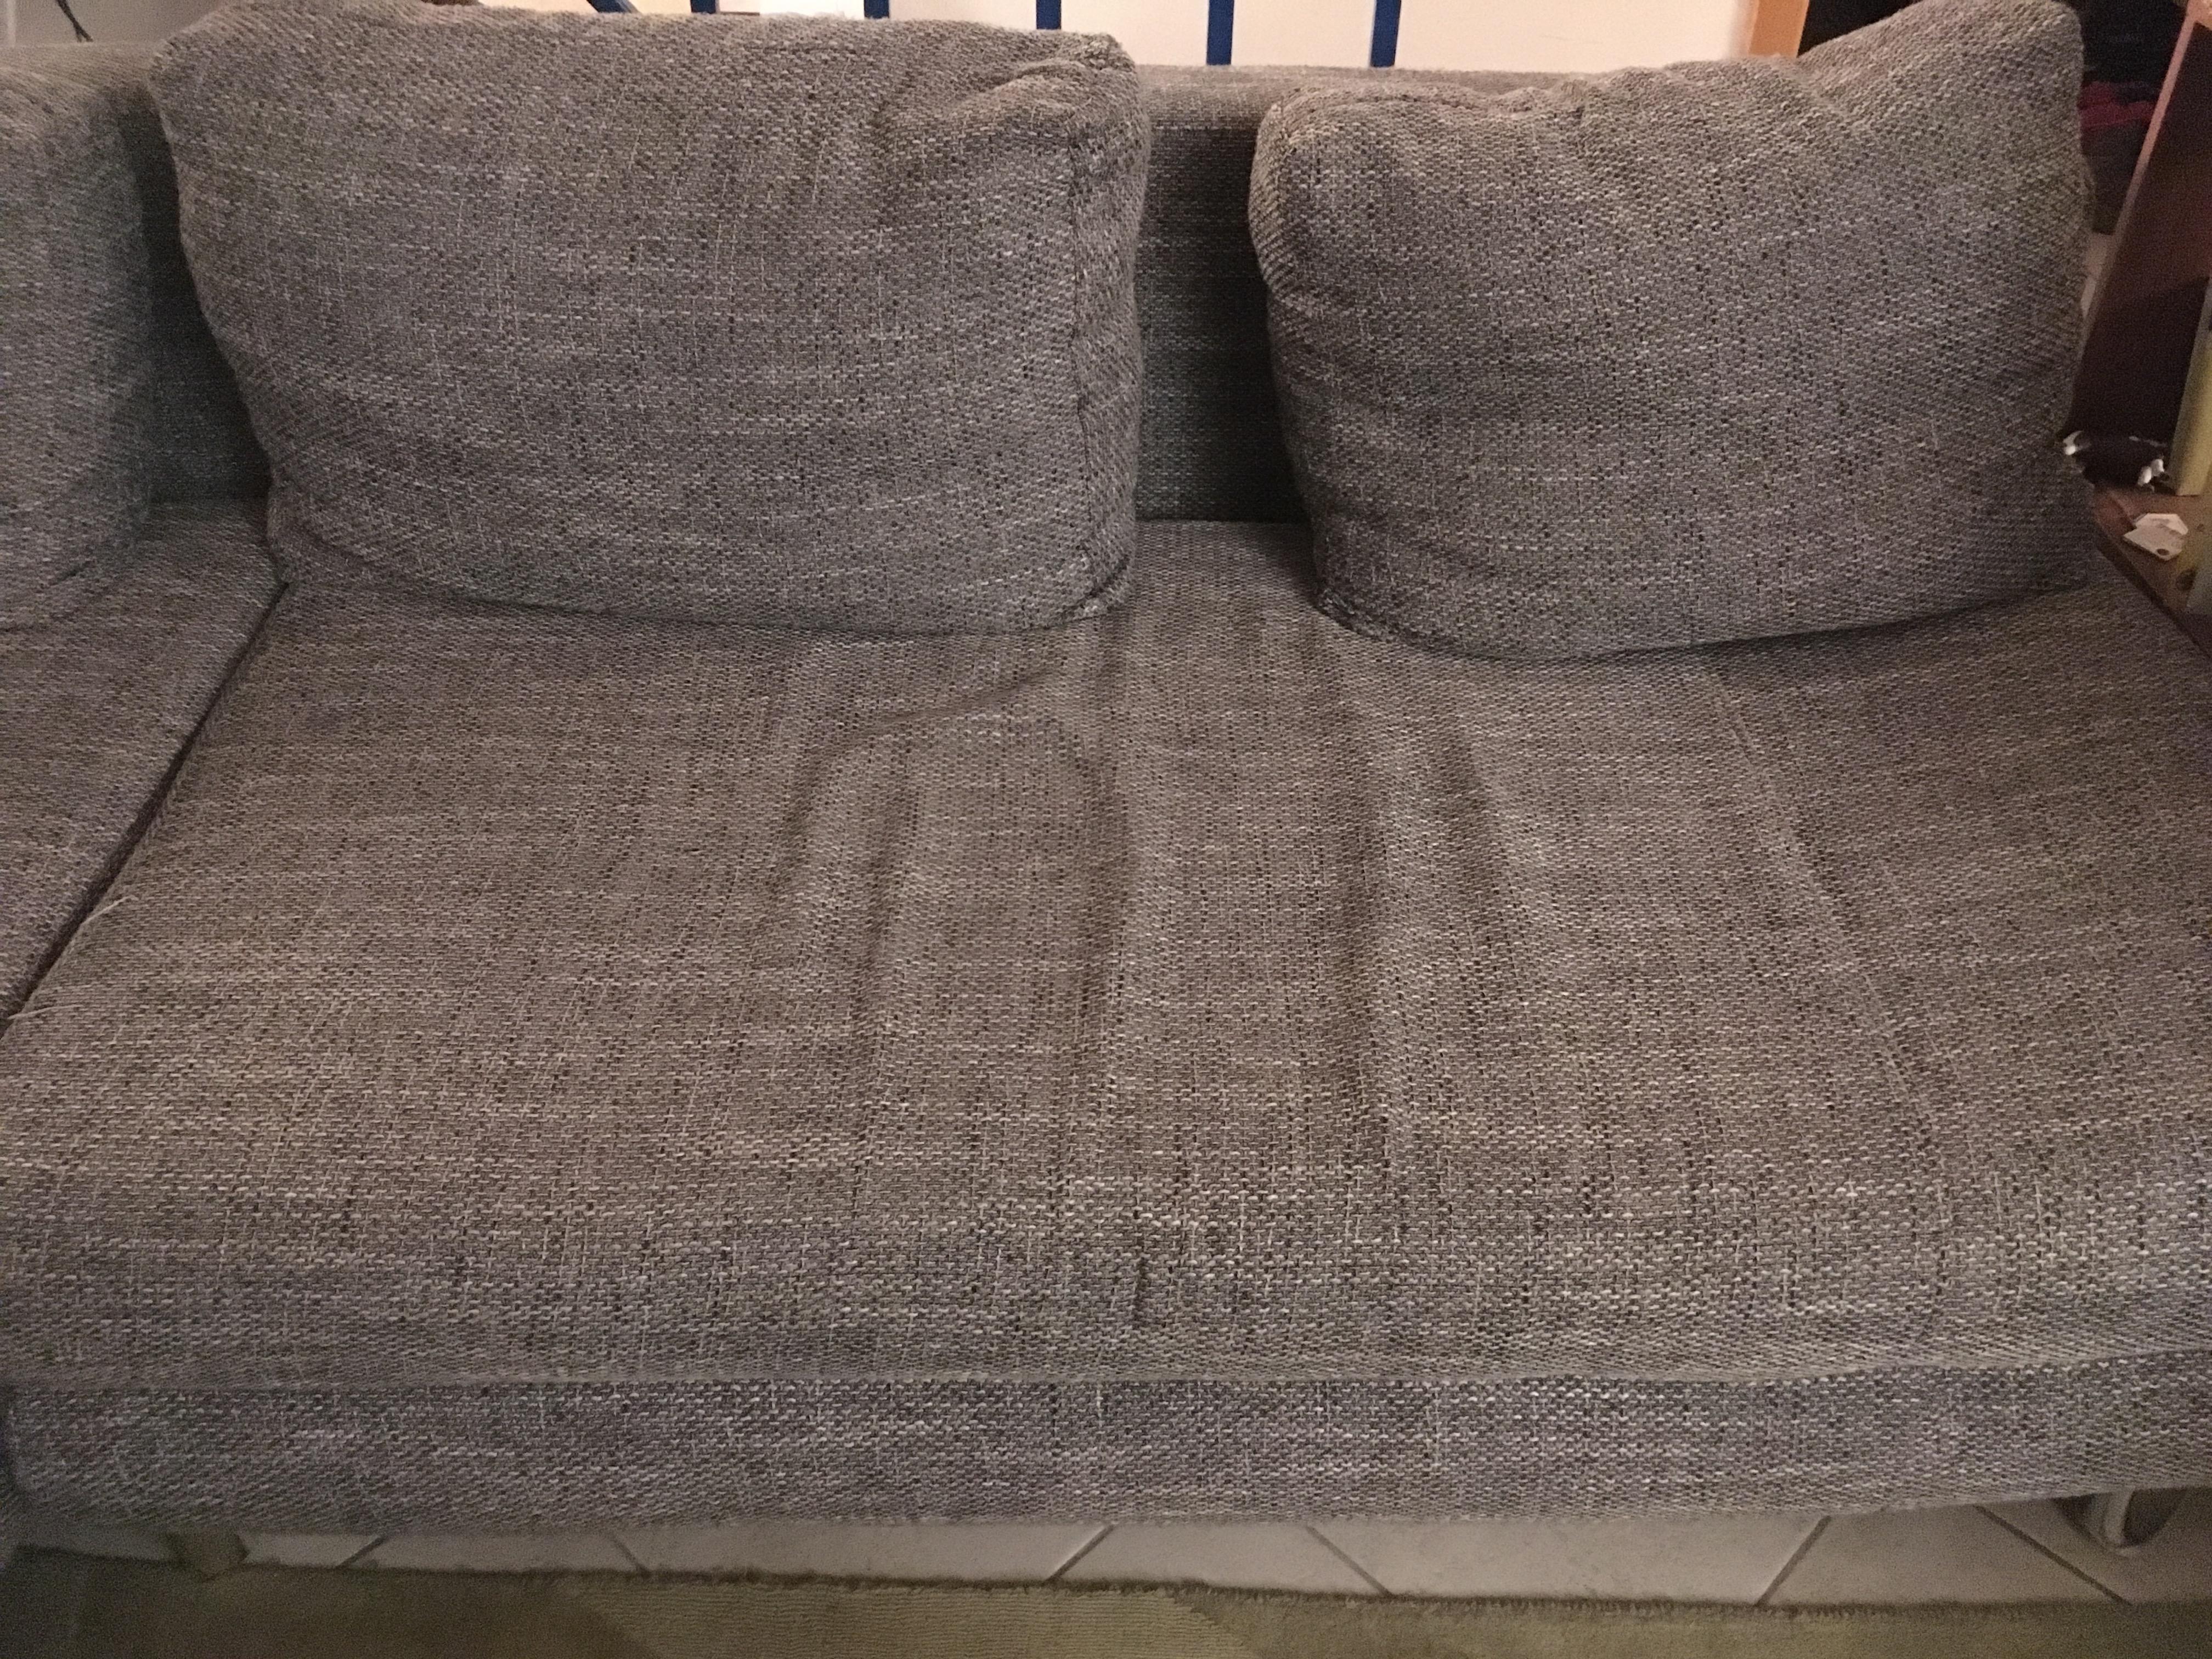 Höffner Sofa Nach Kurzer Zeit Durchgesessen Reklamationcom